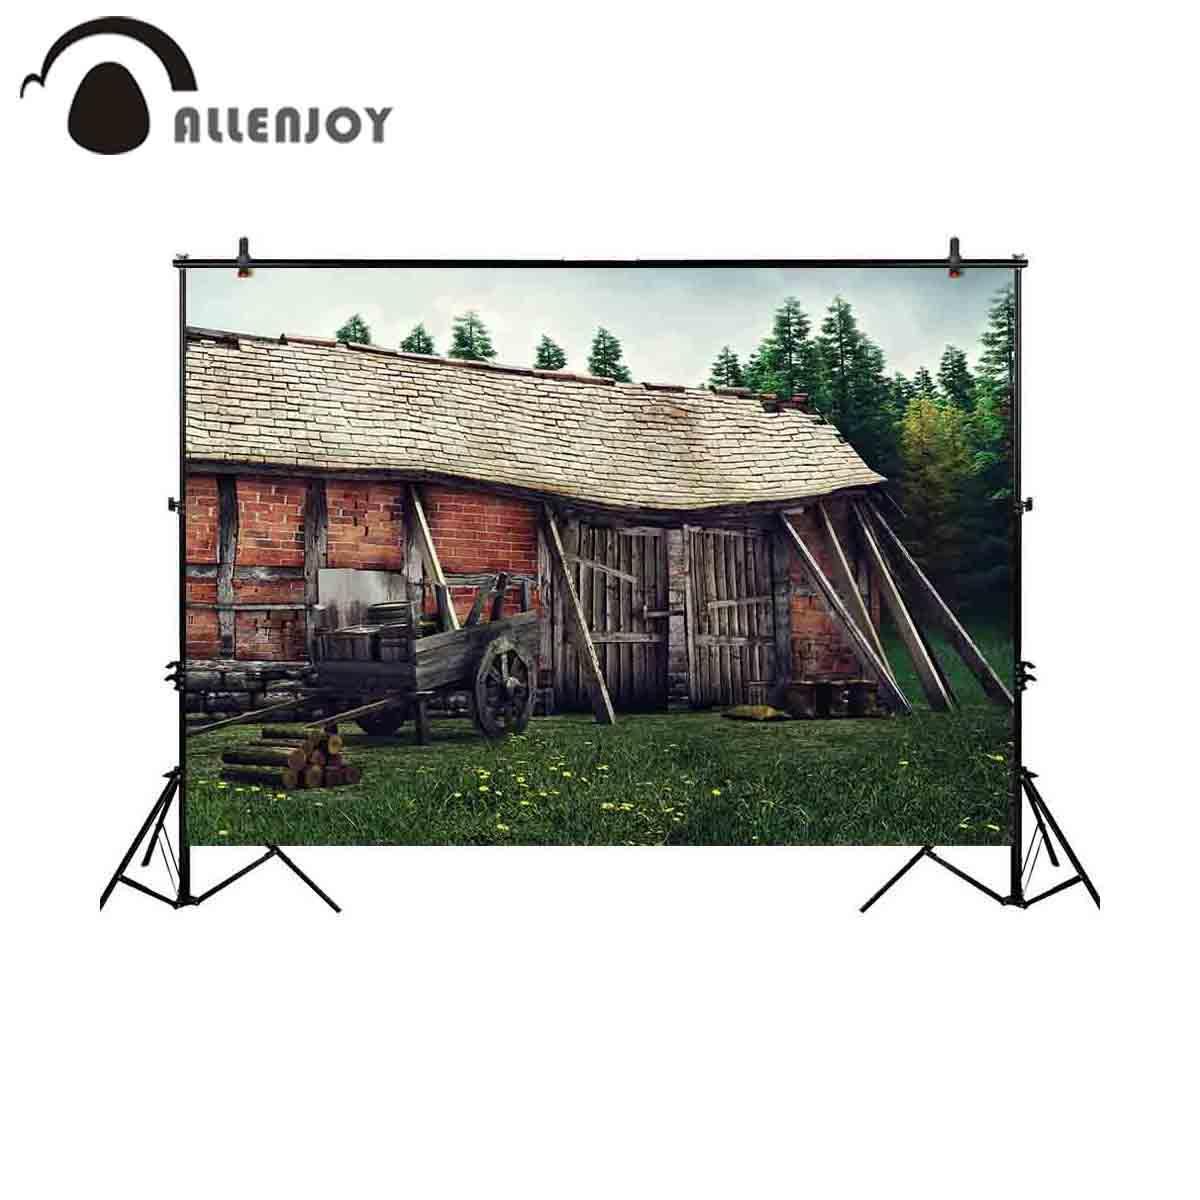 الجملة التصوير خلفية مشهد الريفية القديمة الحظيرة الخشب عربة خلفية صورة المتصل صورة صورة تبادل لاطلاق النار الدعامة photobooth